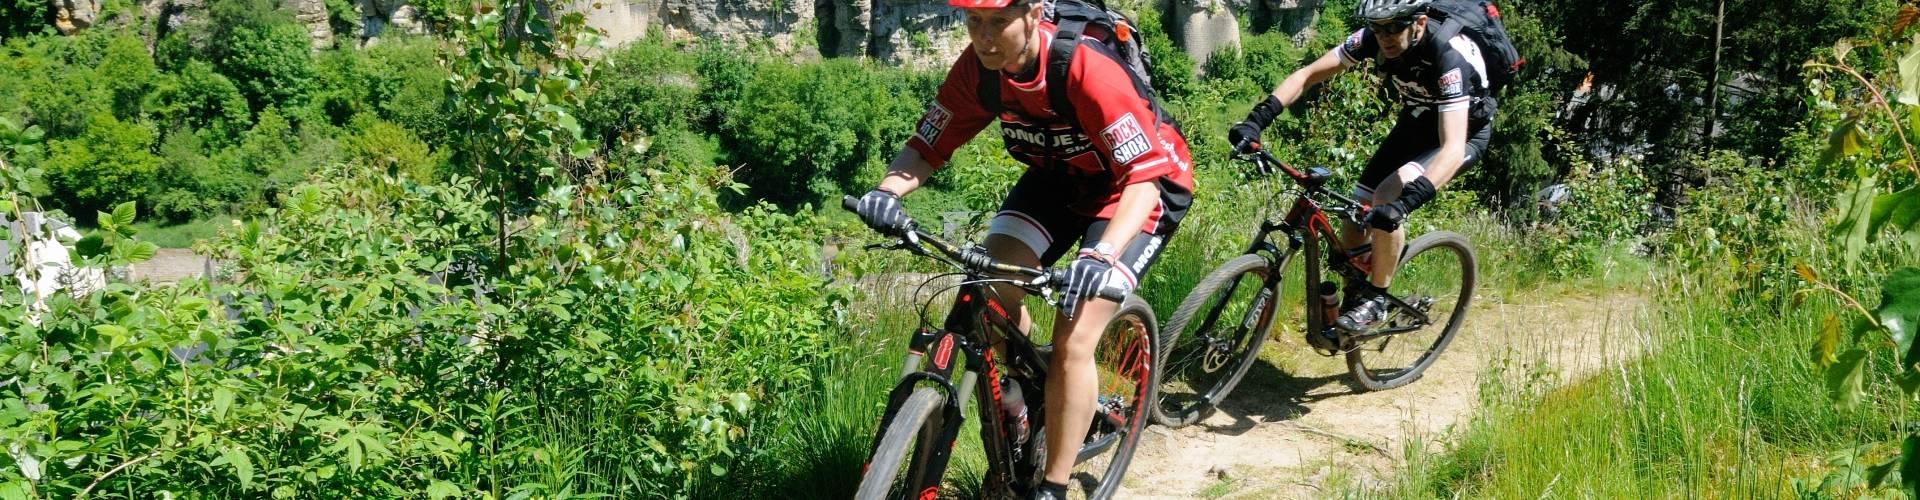 mountainbiken larochette